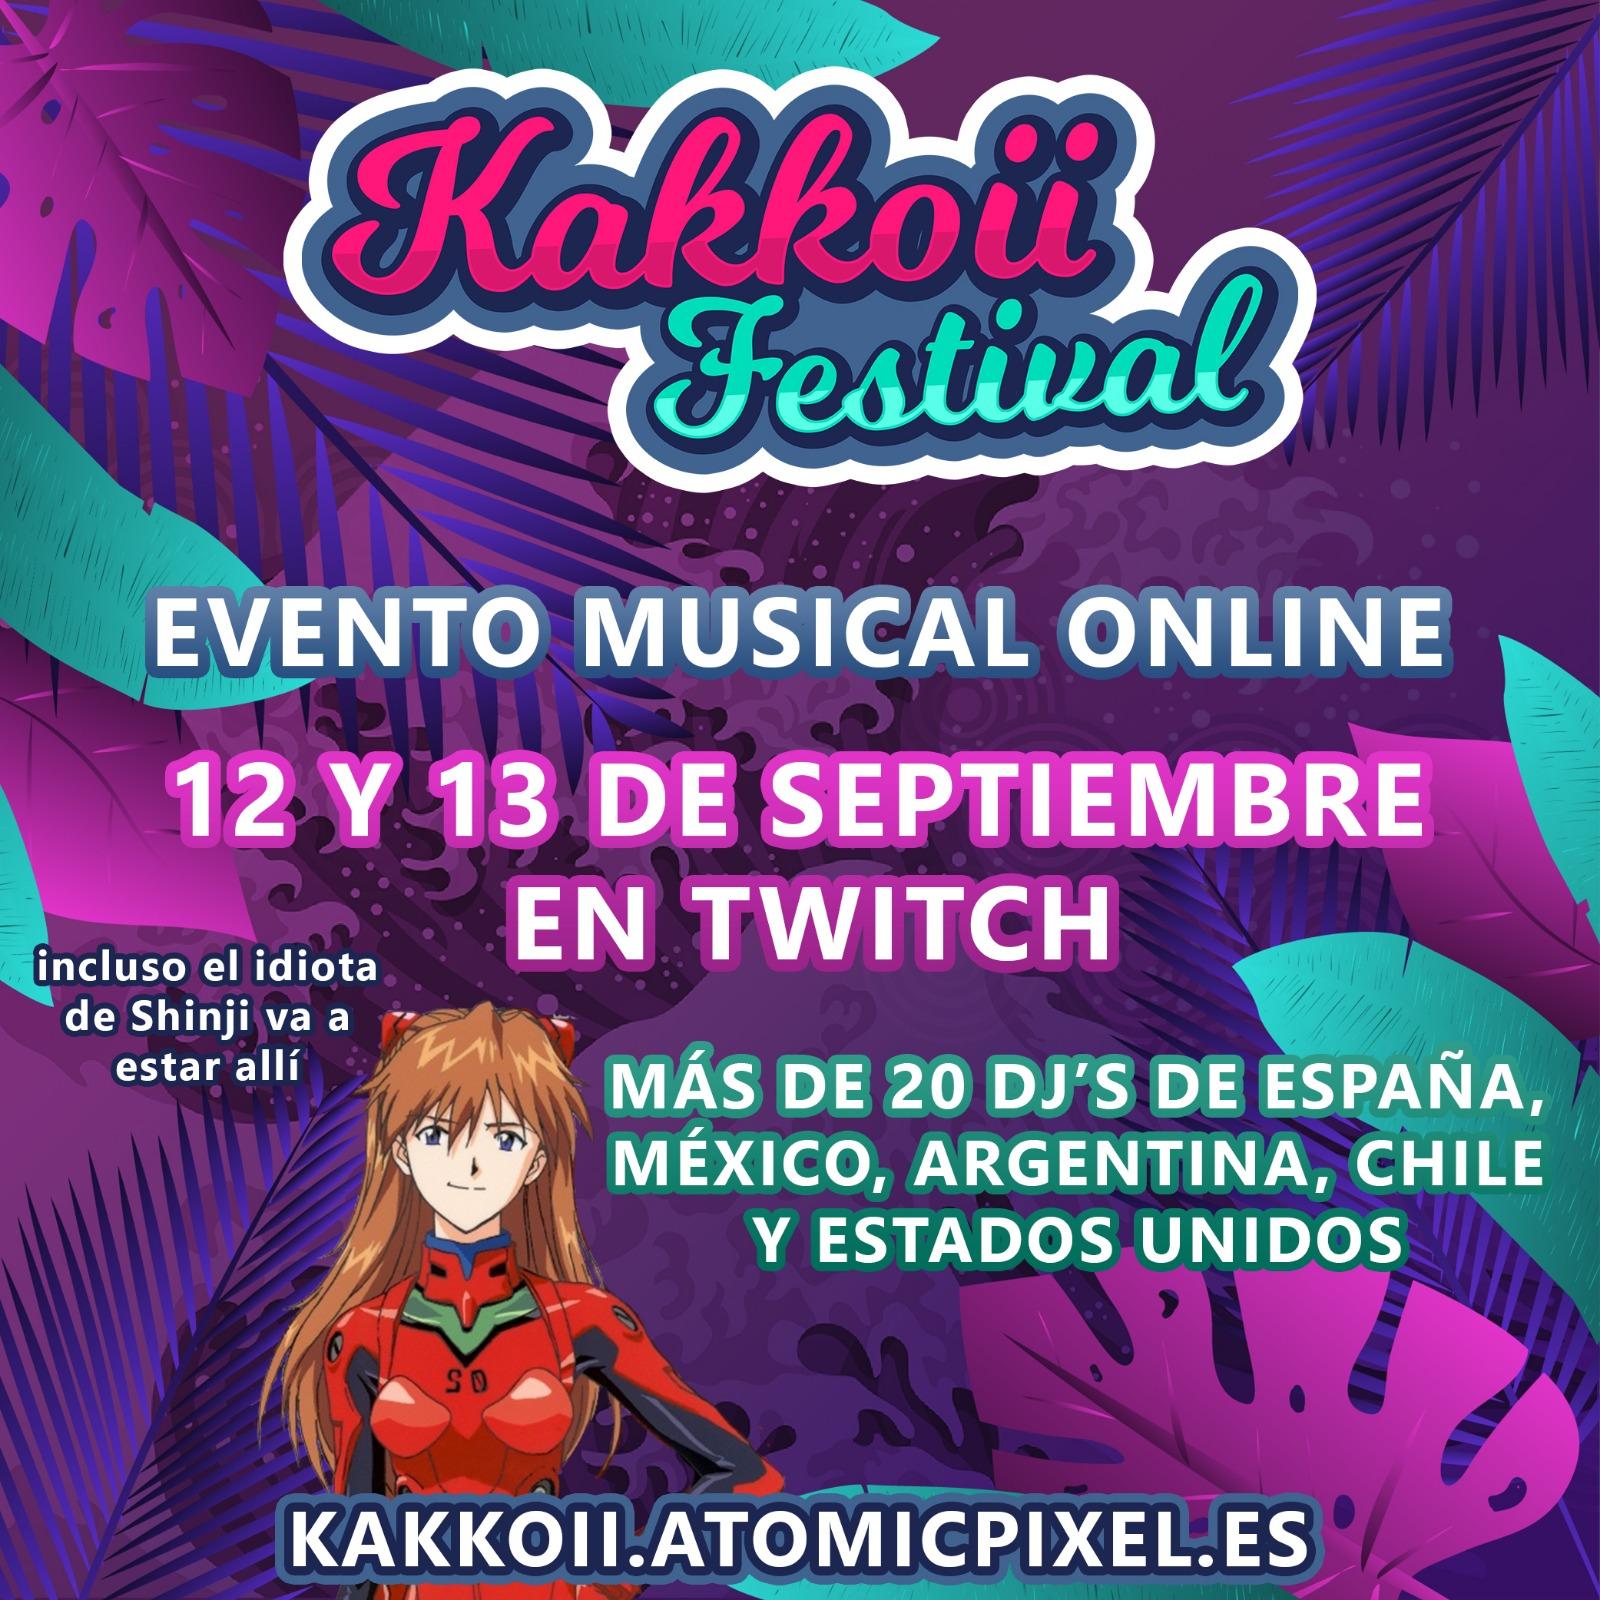 Imagen anunciando el Kakkoii Festival con la imagen de Asuka de Evangelion